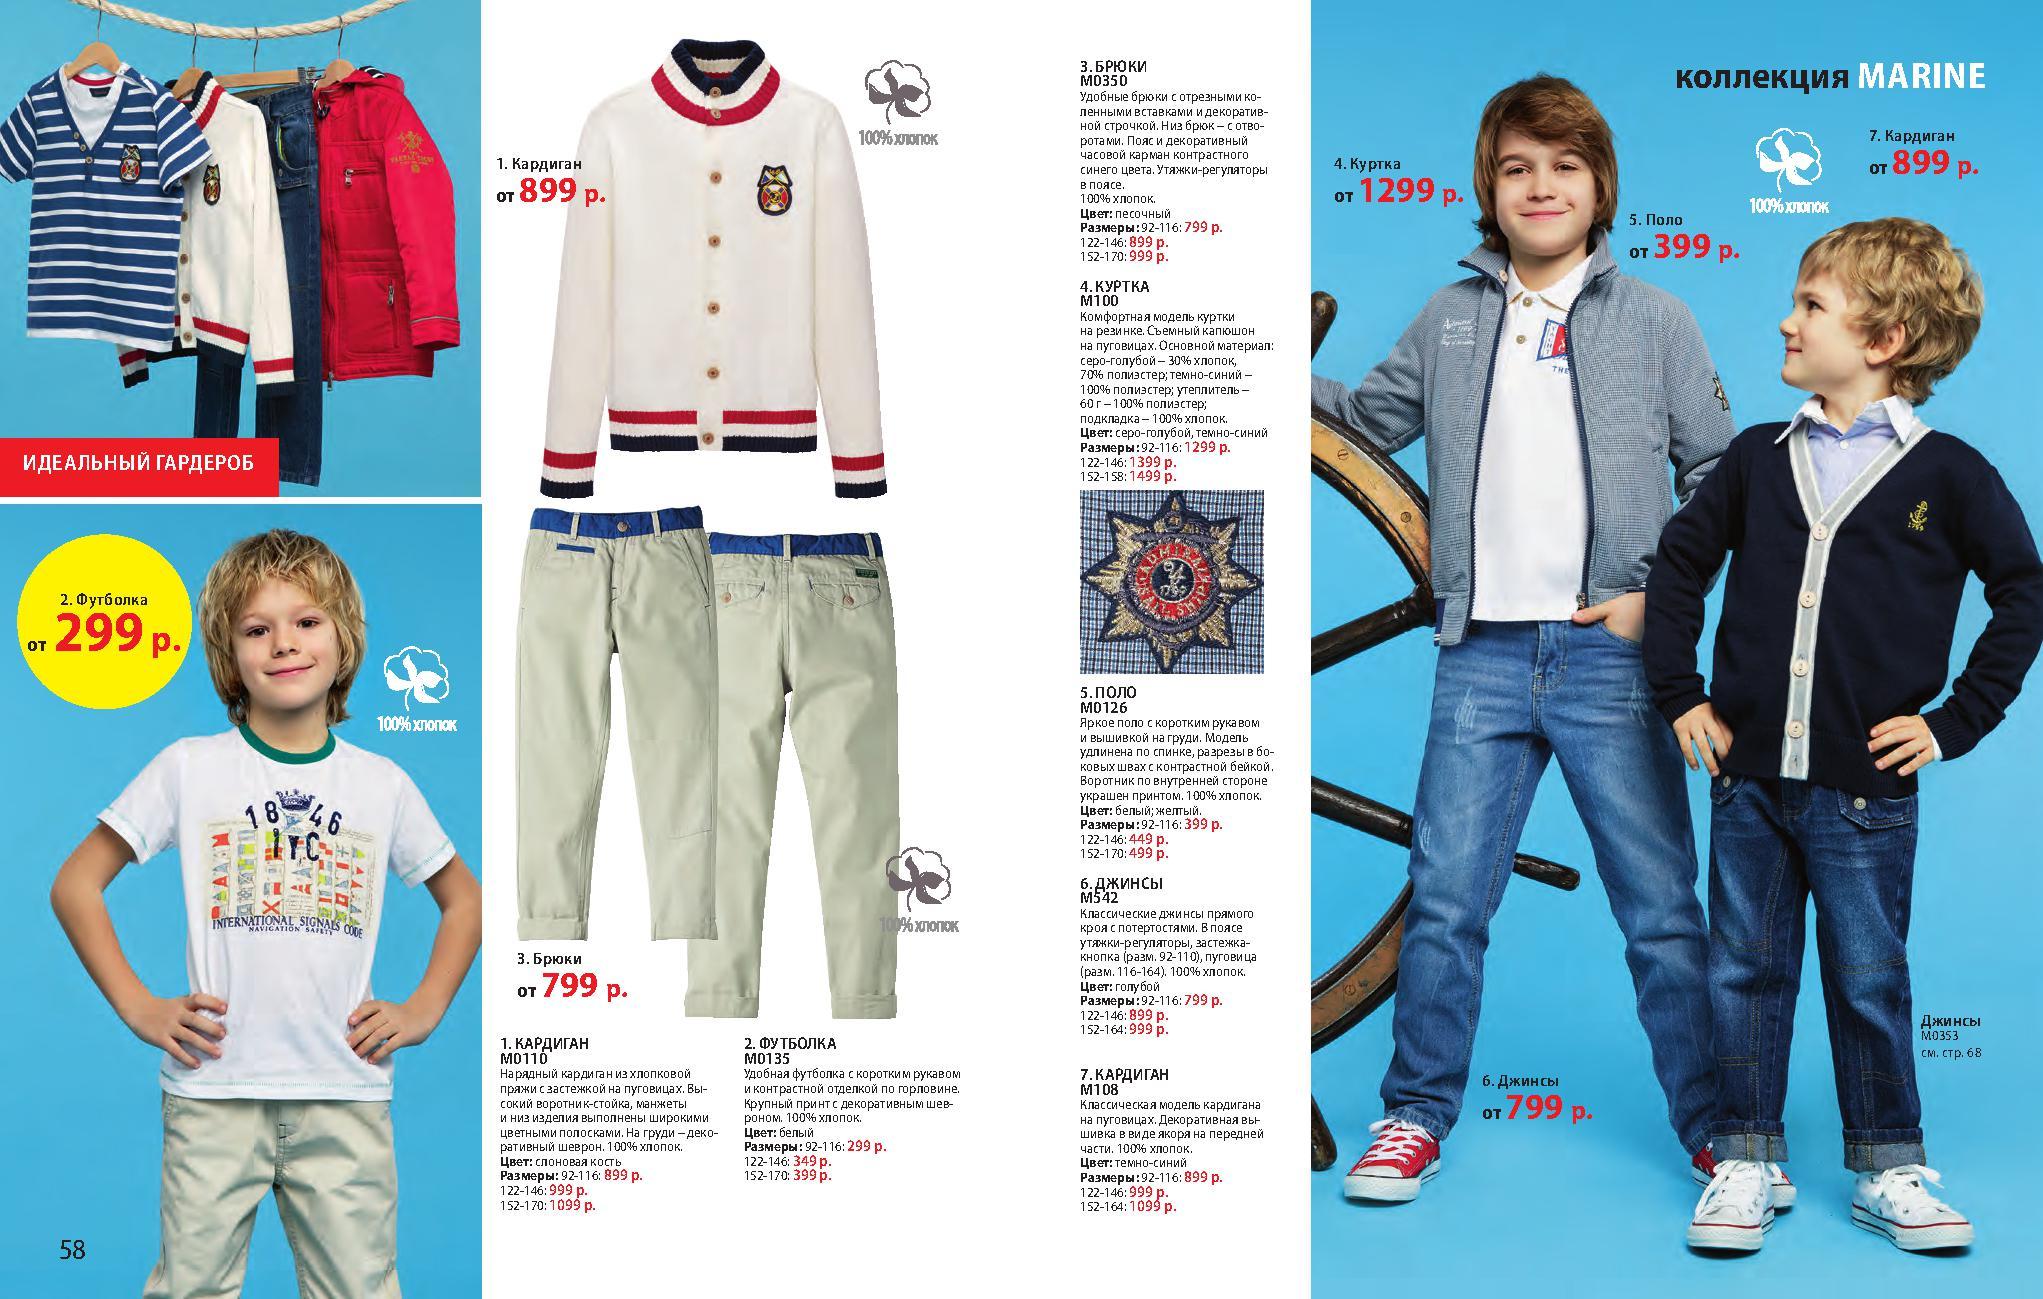 Каталог Одежды Для Детей